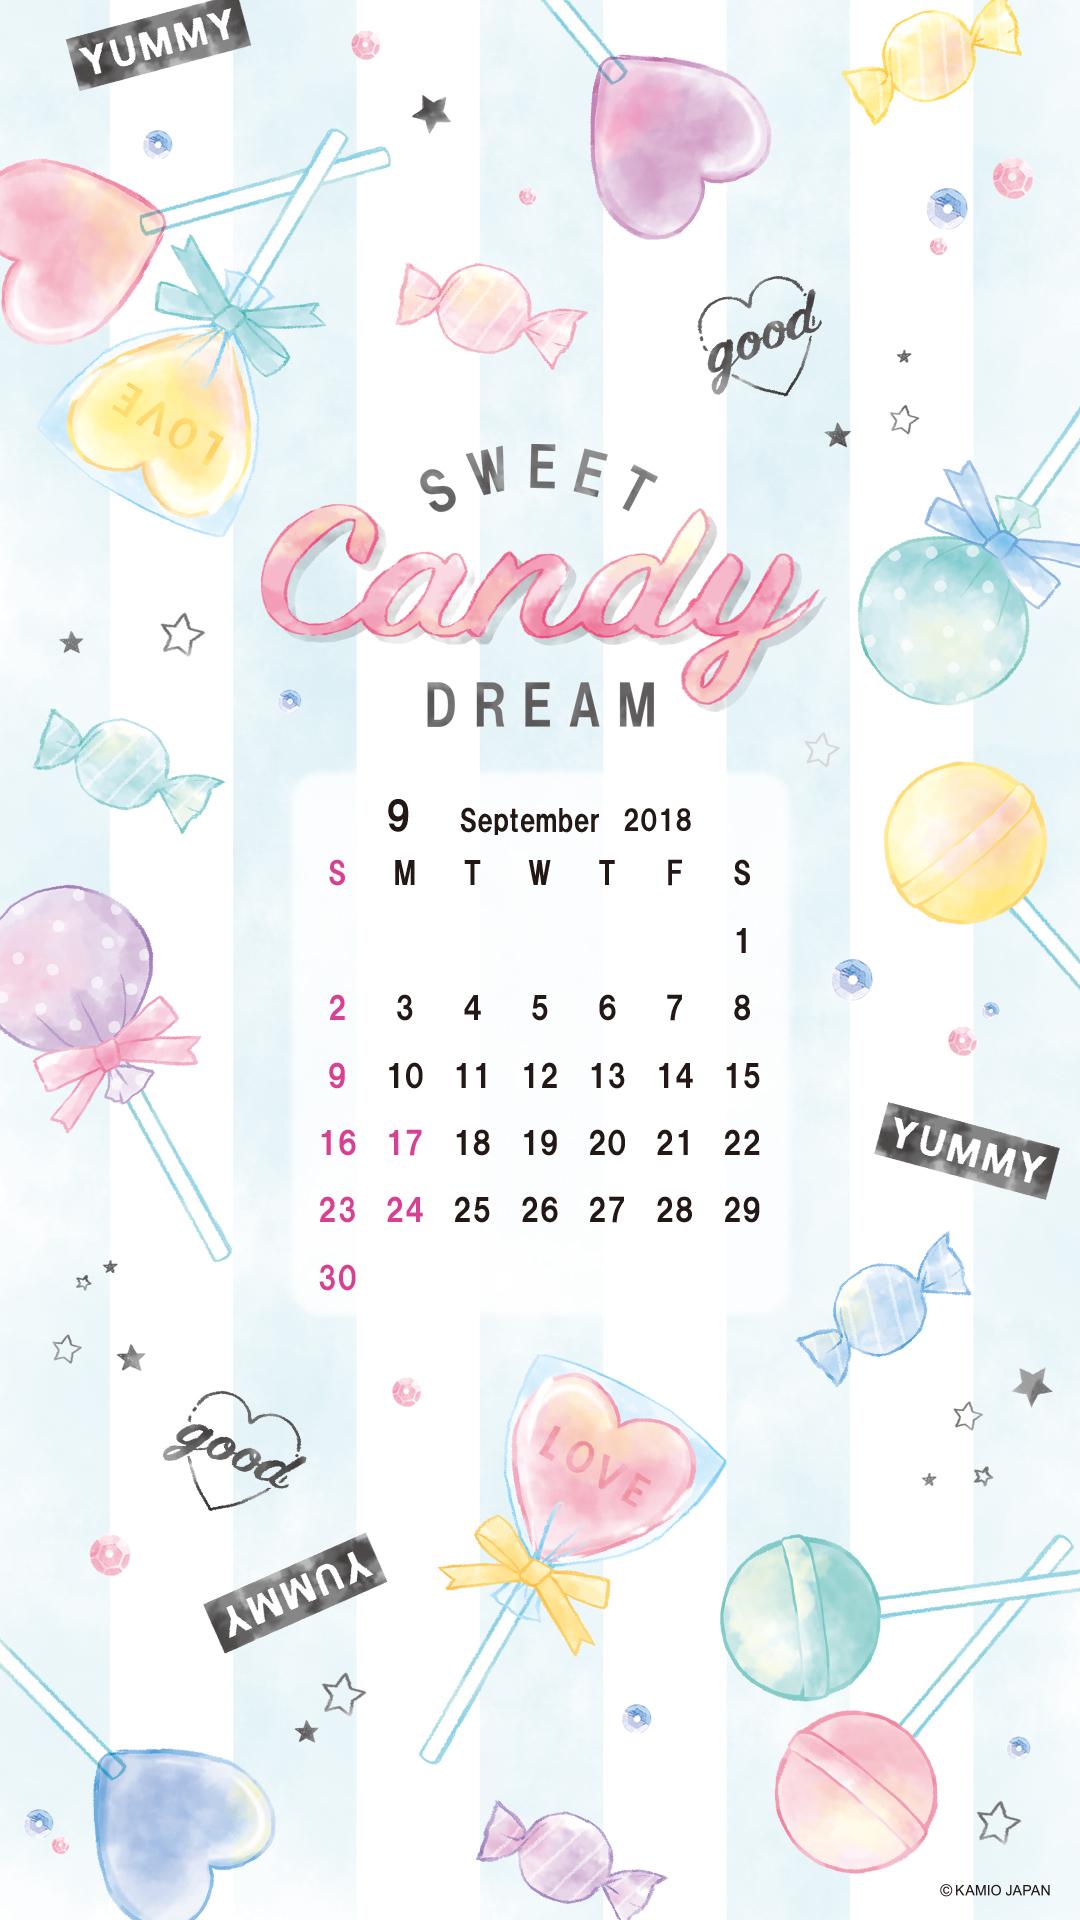 9月壁紙カレンダー配布 ニュース 株式会社カミオジャパン ファンシーグッズの企画 デザイン 製造 販売